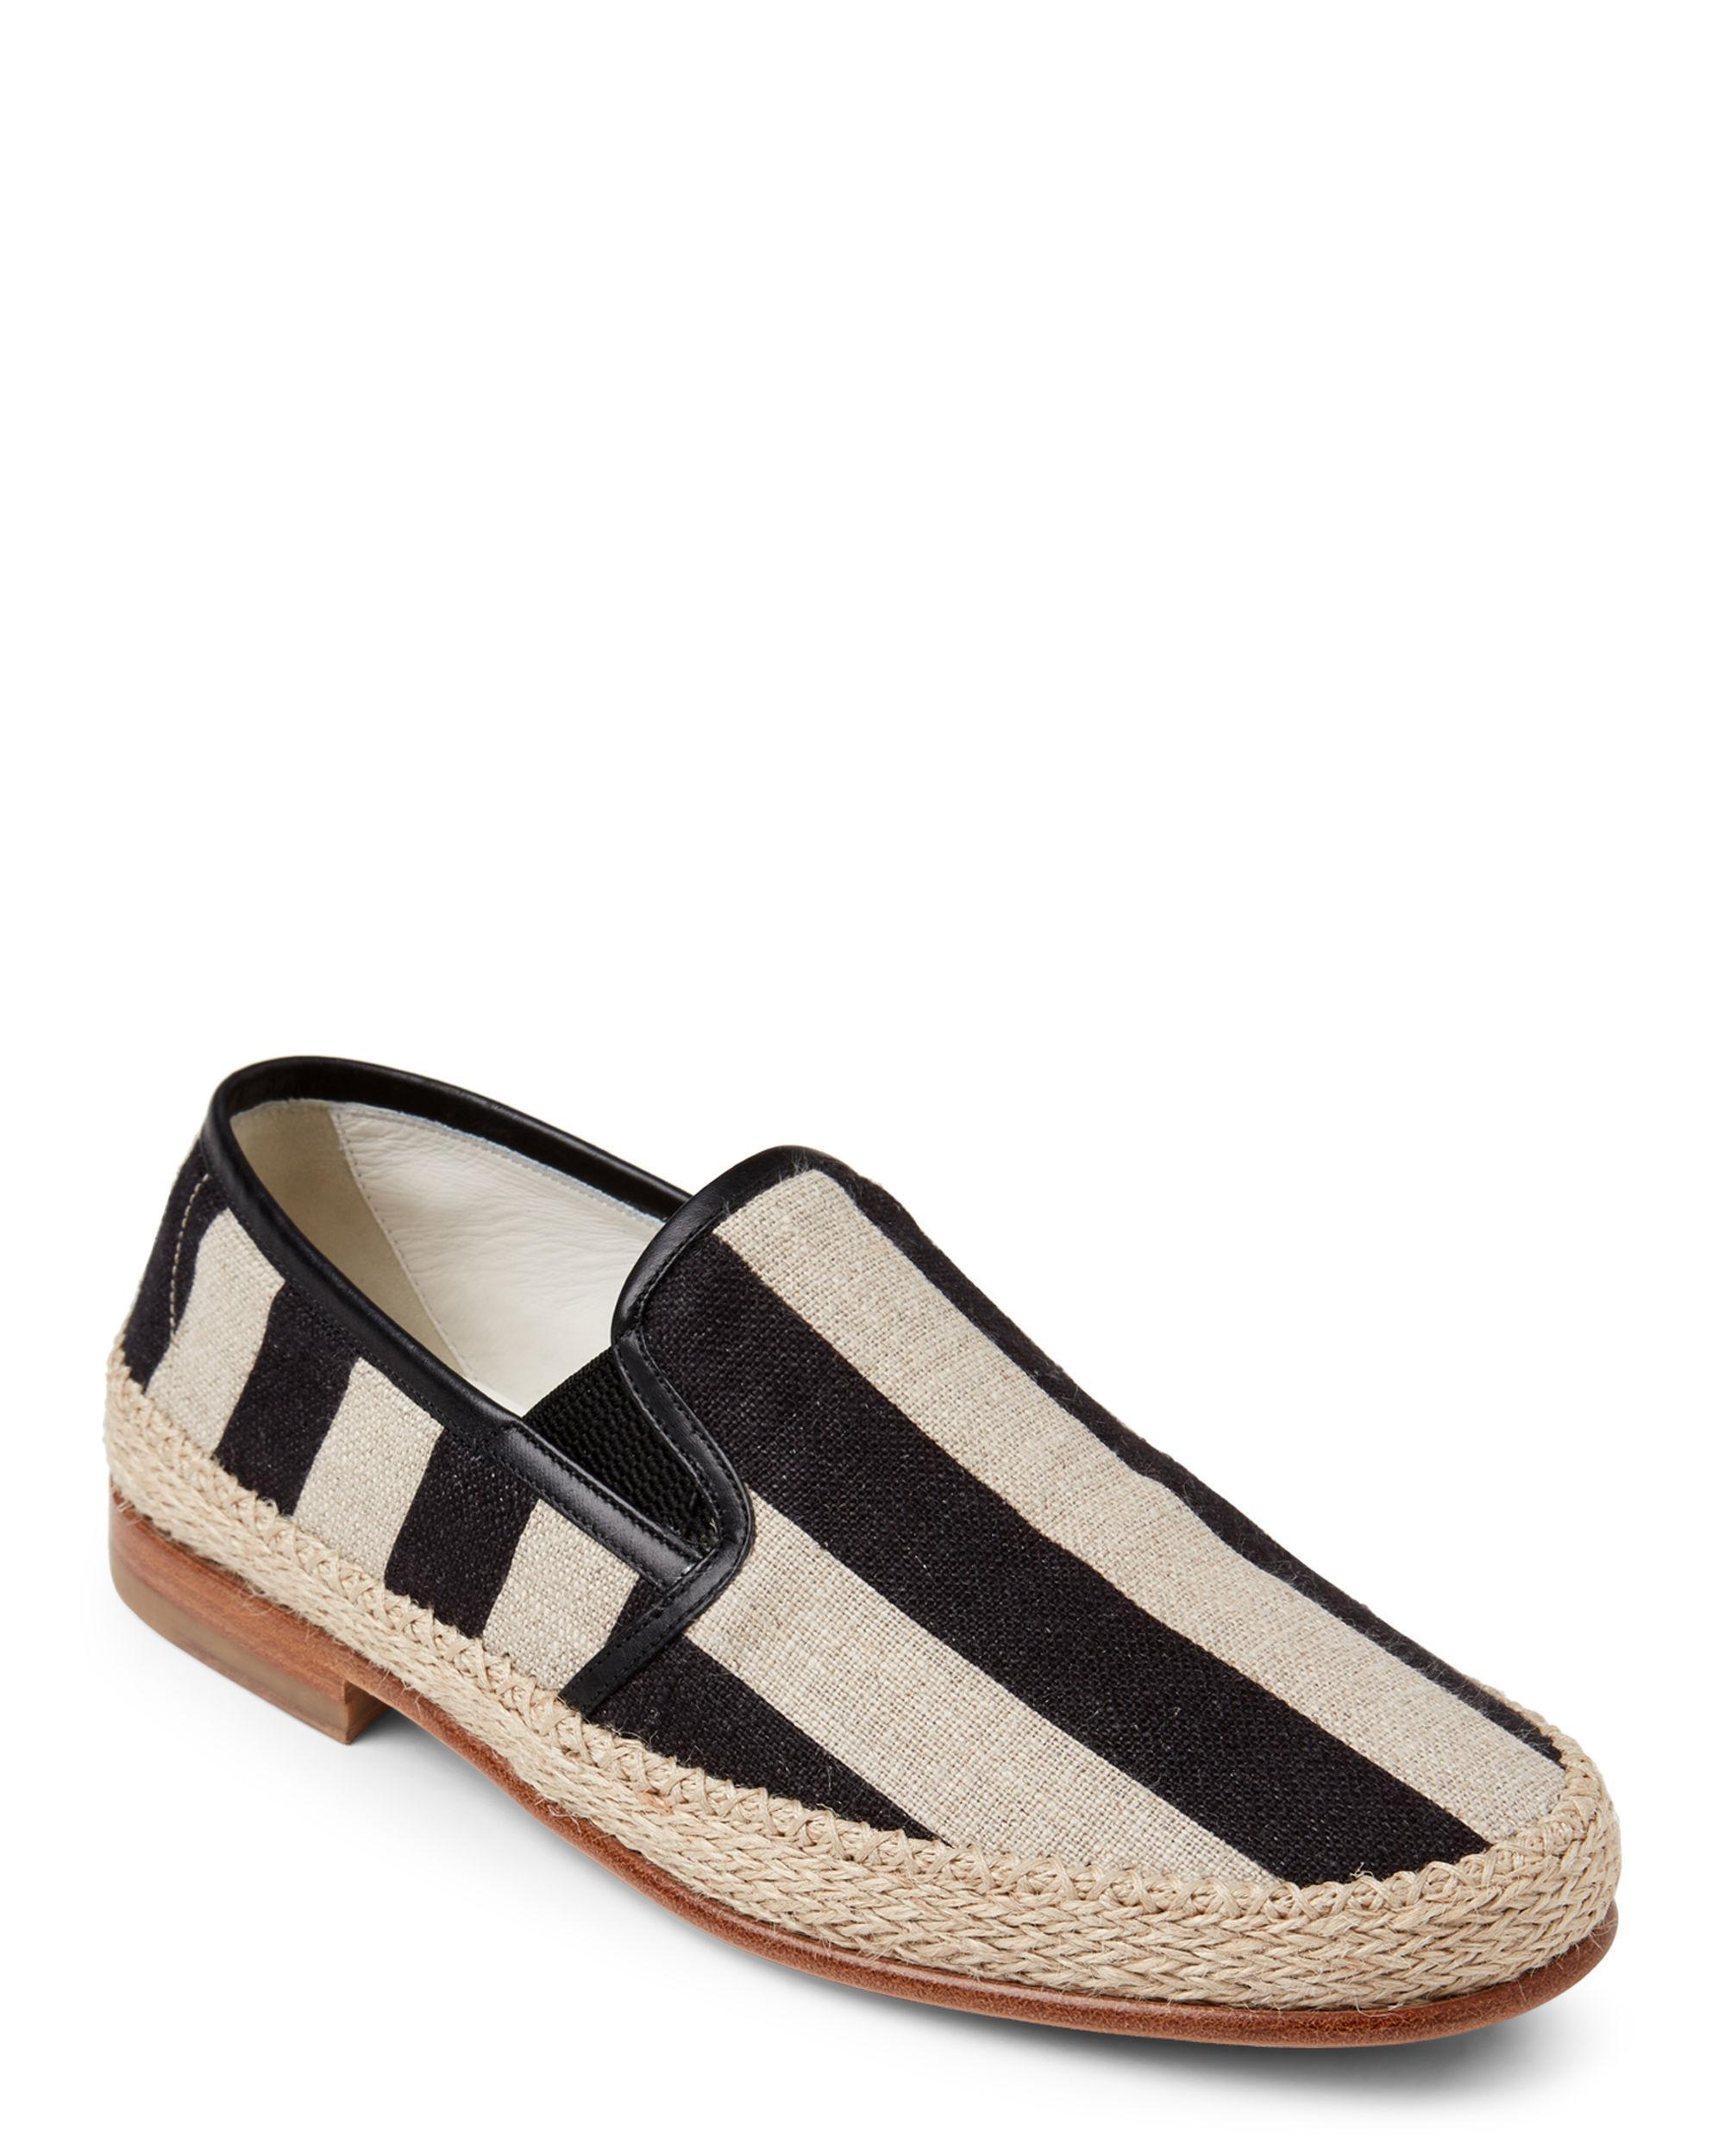 a6c2af2d3 Dolce & Gabbana. Men's Beige & Black Striped Linen Slip-on Espadrilles